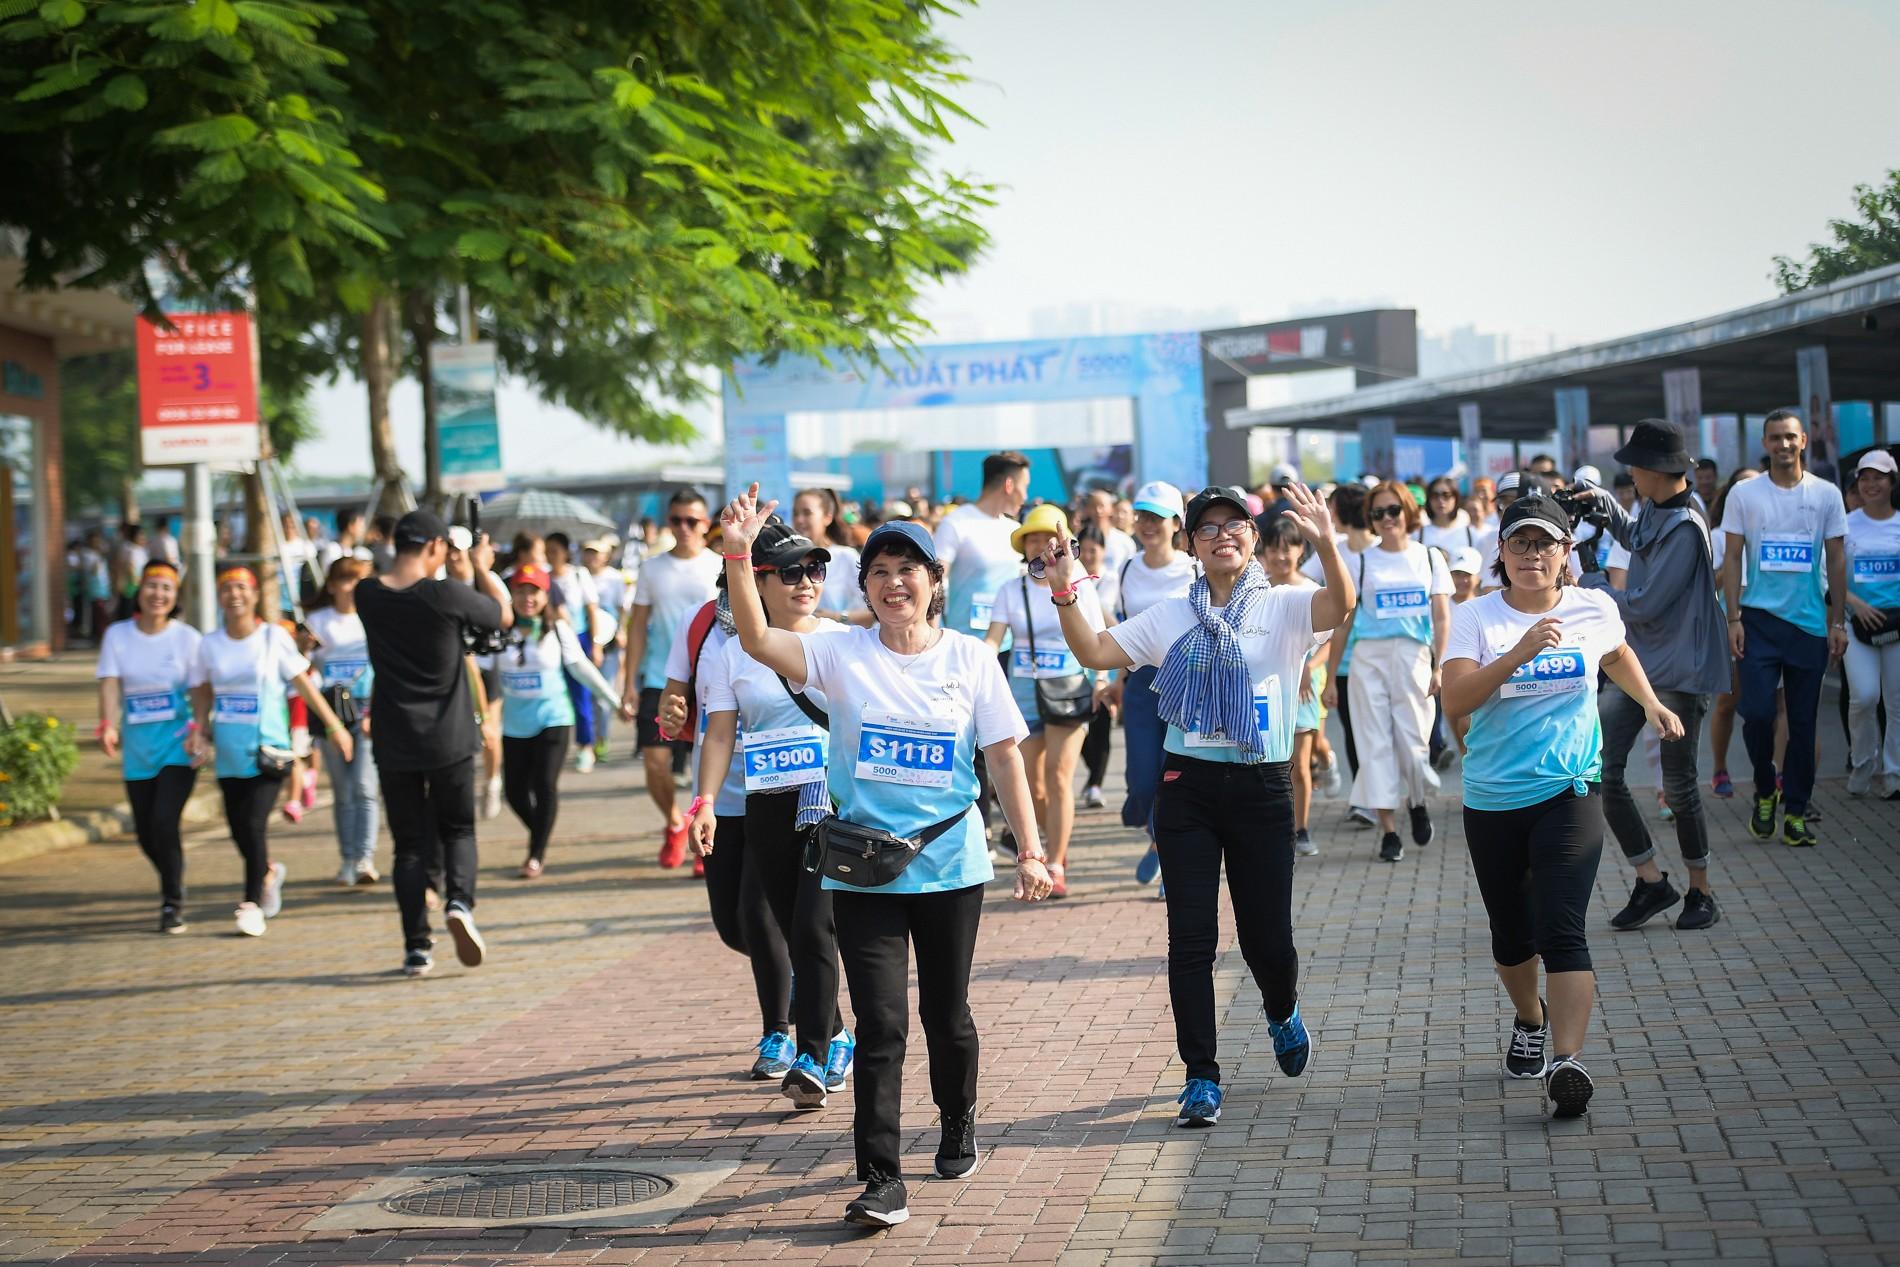 Hàng nghìn người dân tham gia đi bộ vì bệnh nhân ung thư Việt Nam 1